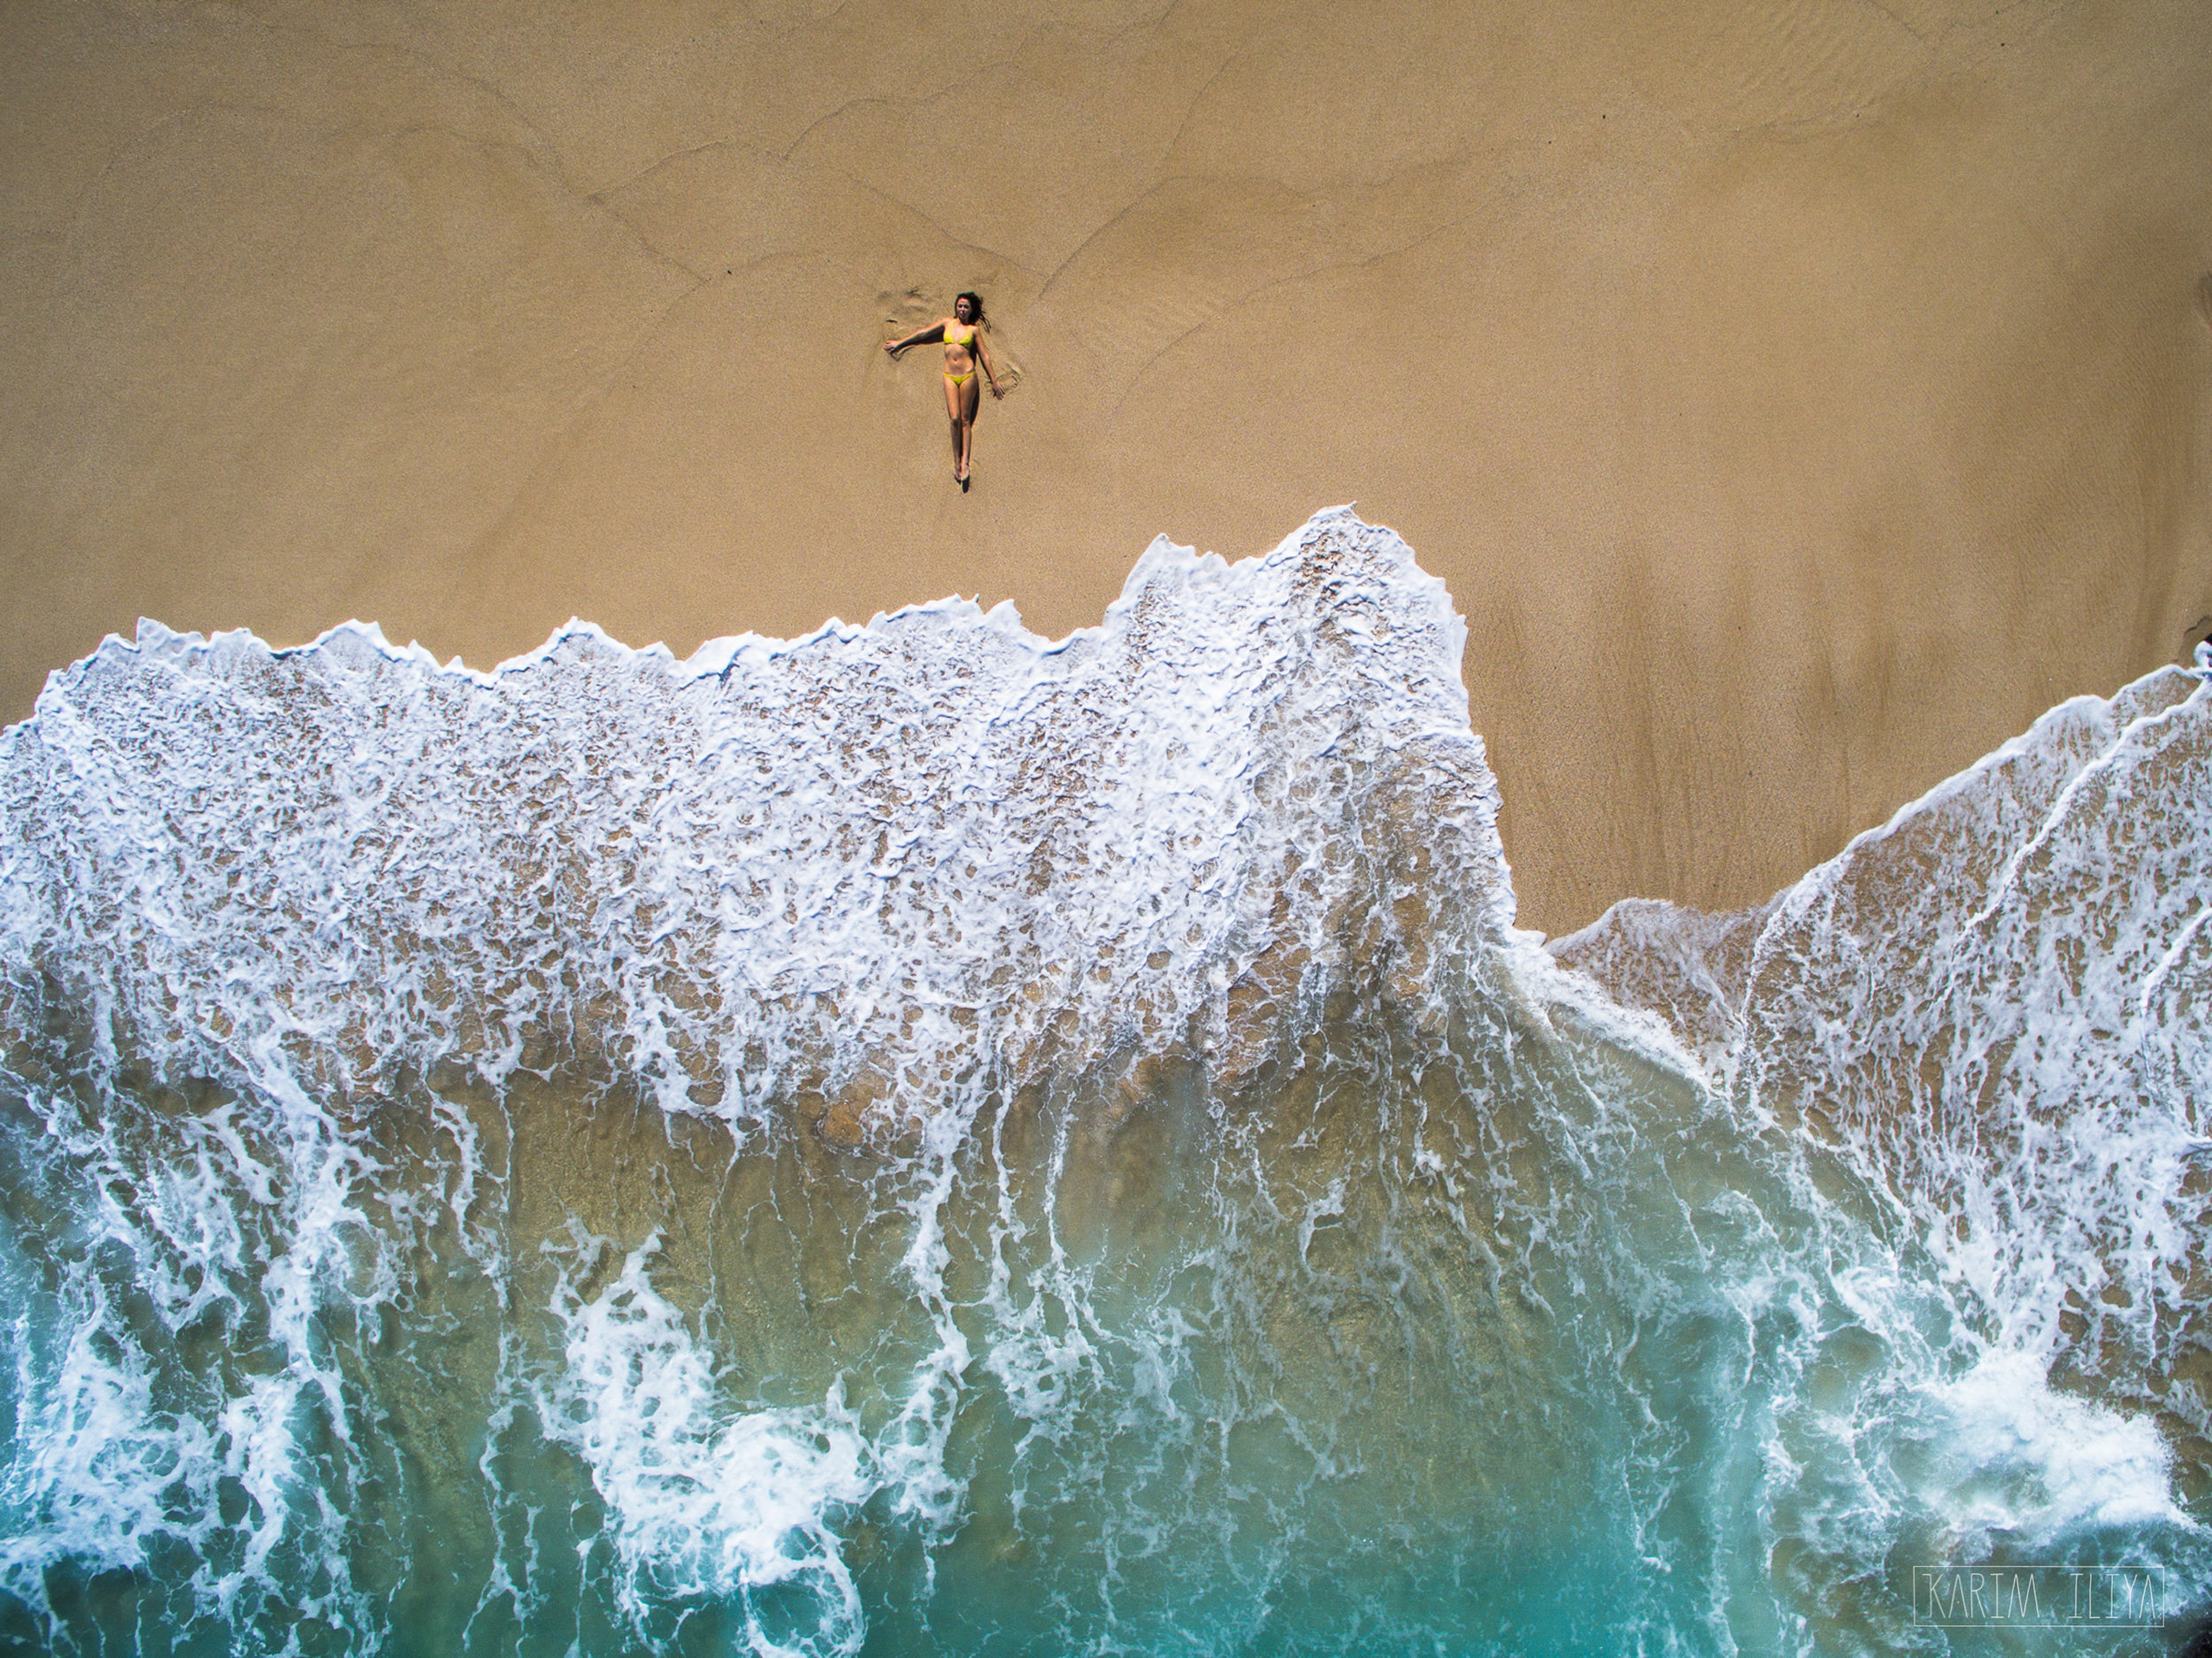 KARIM_ILIYA_PHOTOGRAPHY_HAWAII_SWIMWEAR_BIKINI_BEACH22.jpg